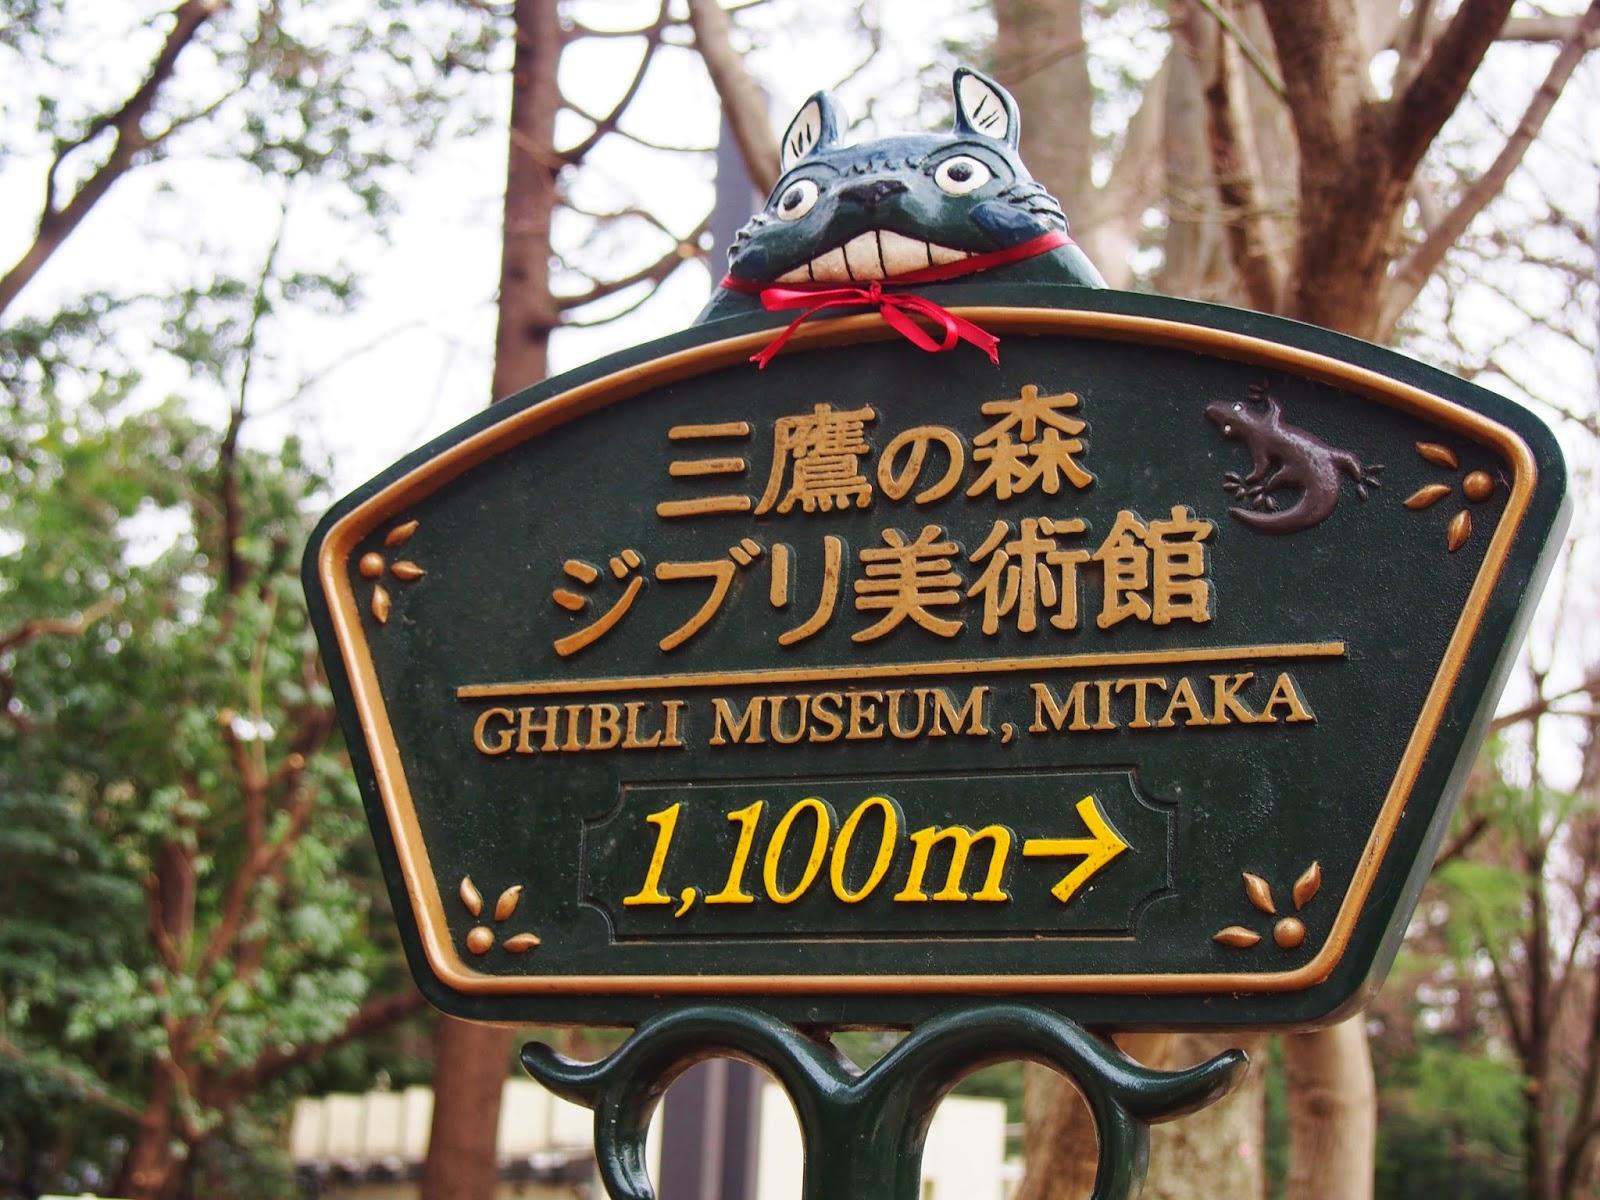 sankles: GHIBLI MUSEUM MITAKA